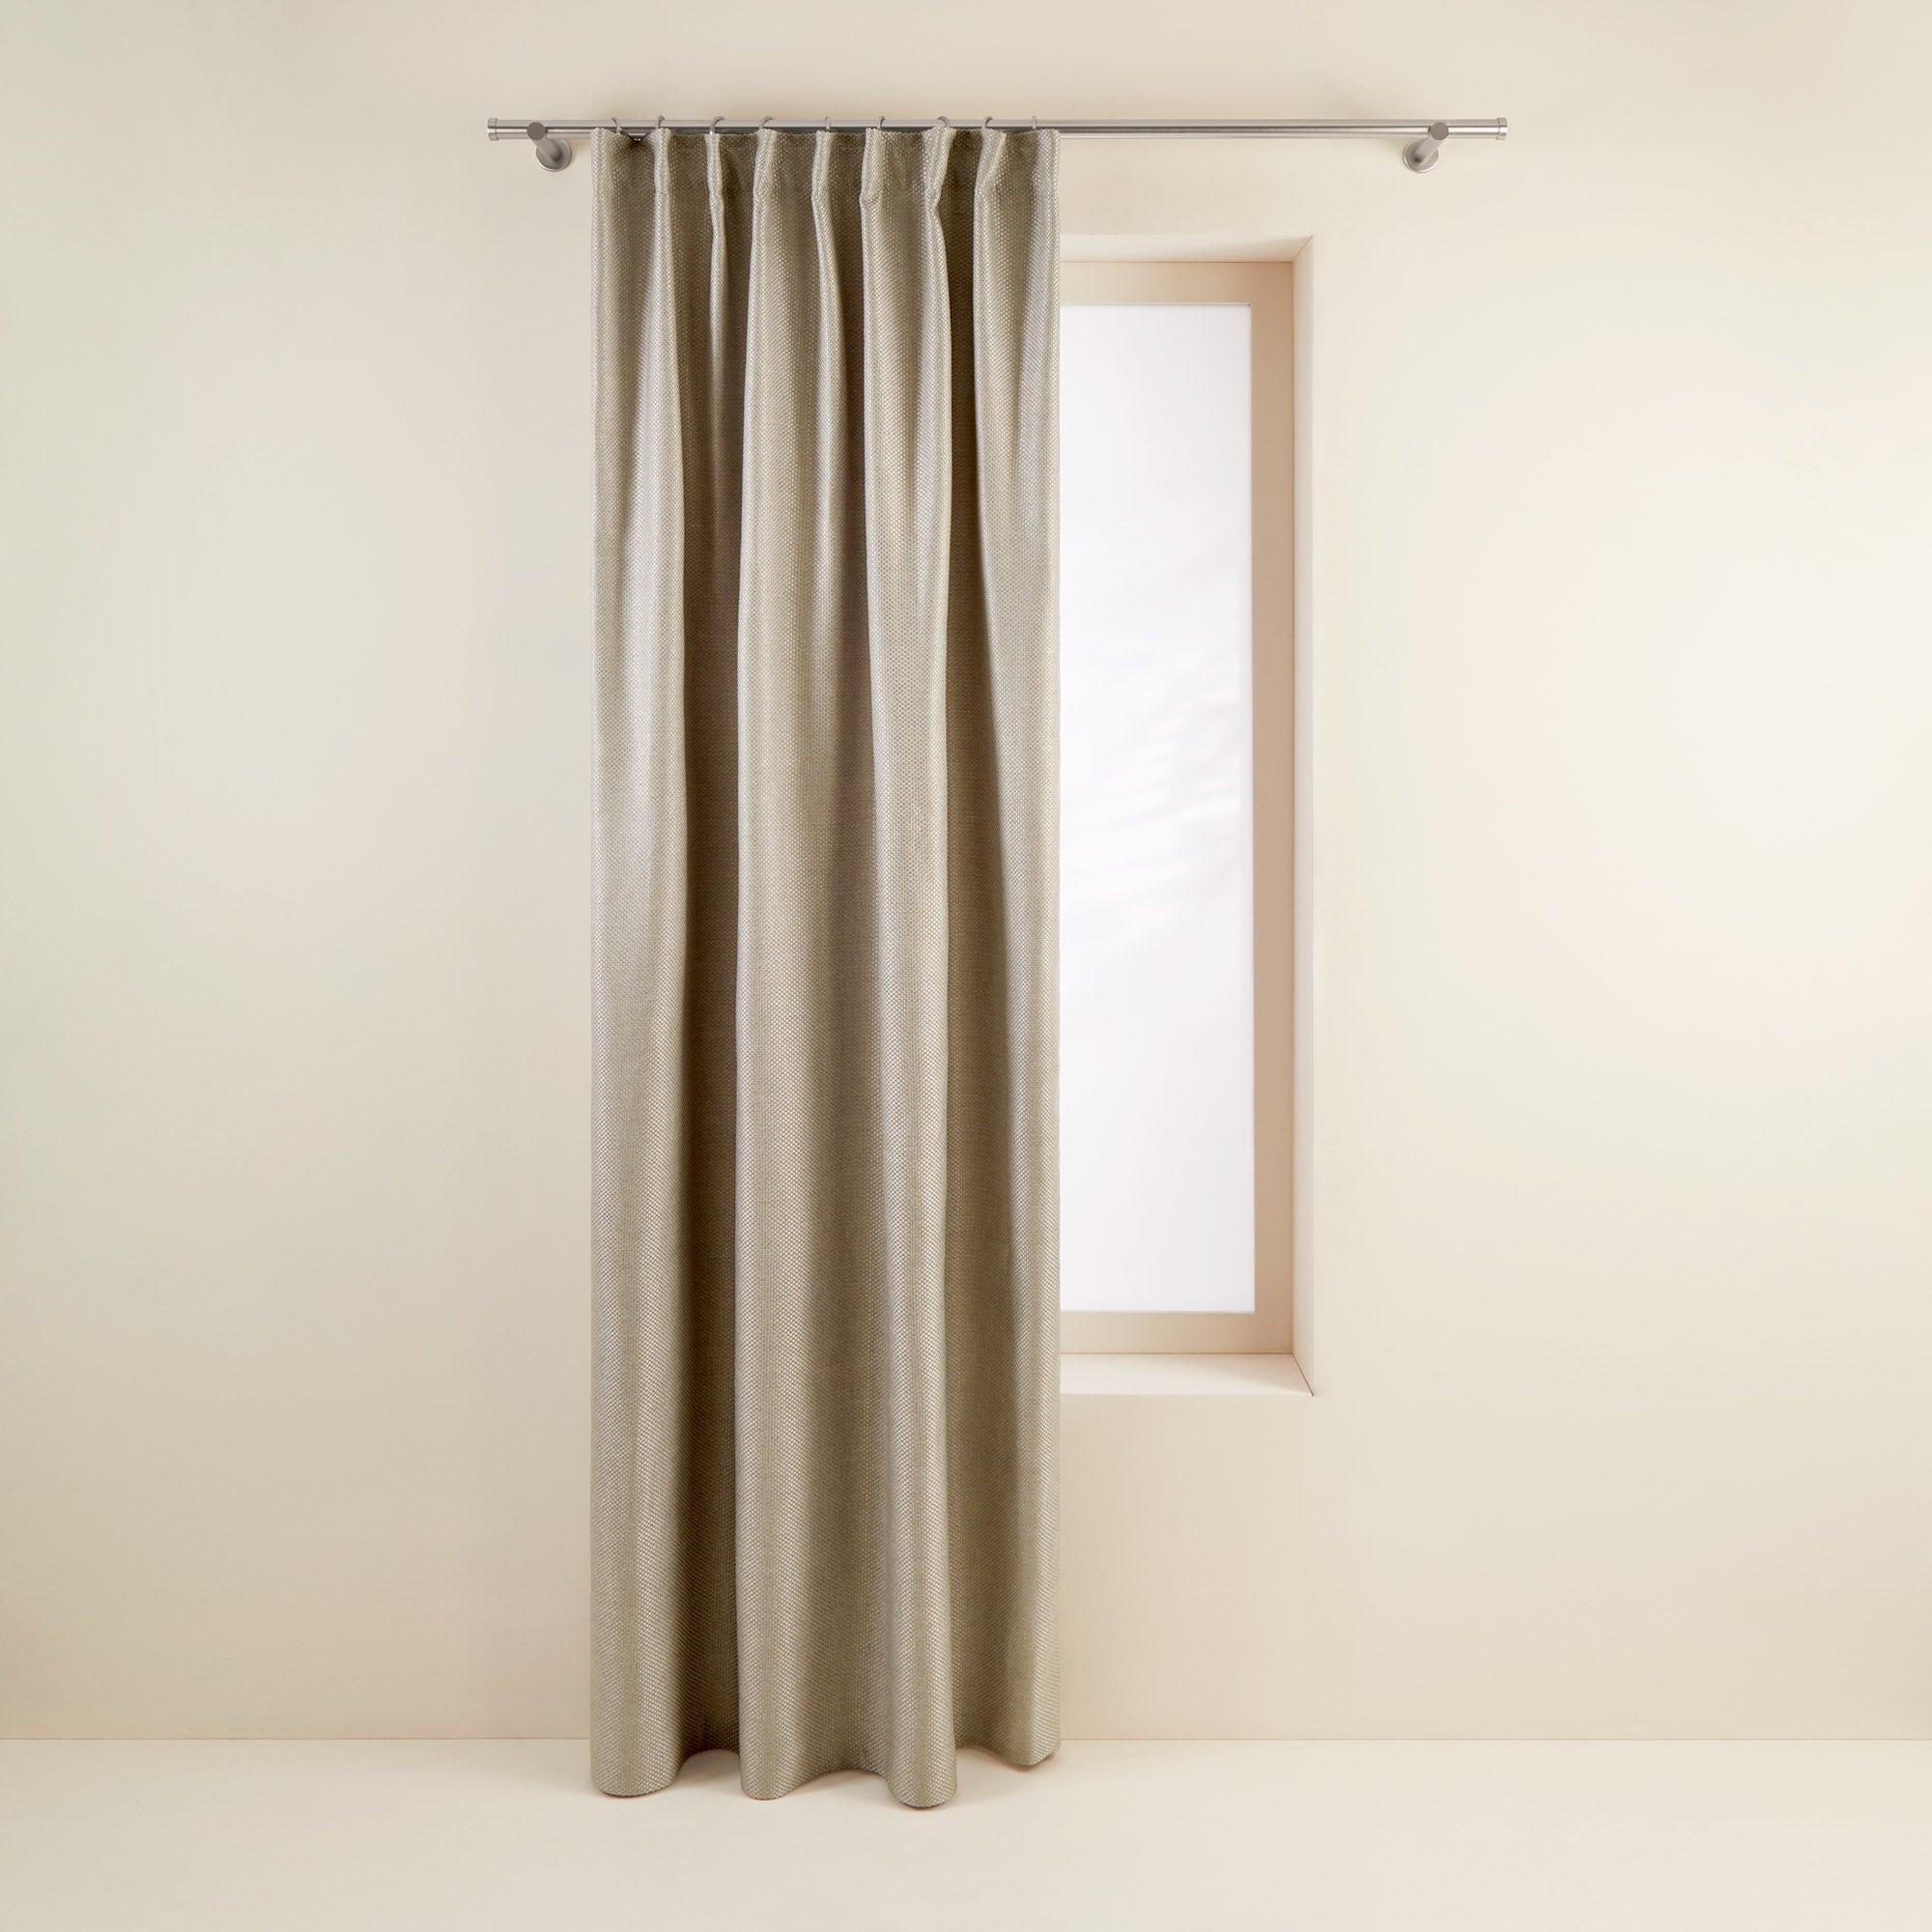 Rideau à ruban fronceur 200x280 cm Beige clair